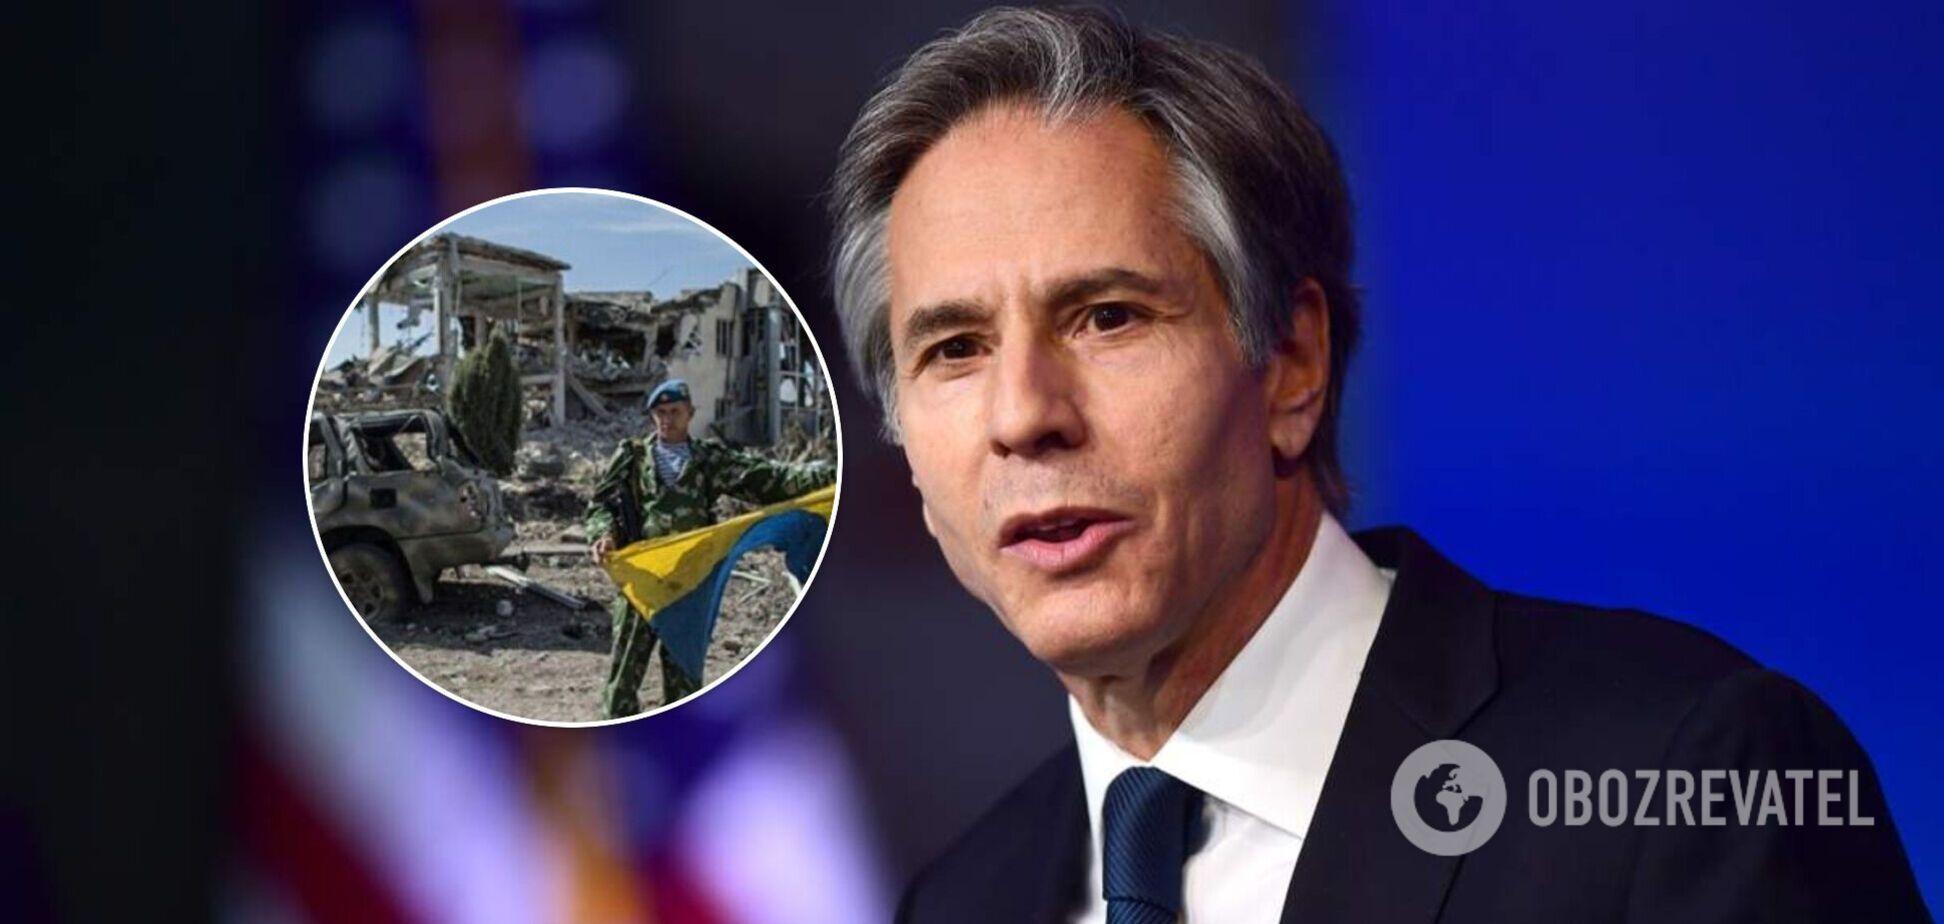 Блинкен сообщил, что США предоставят Украине гуманитарную помощь